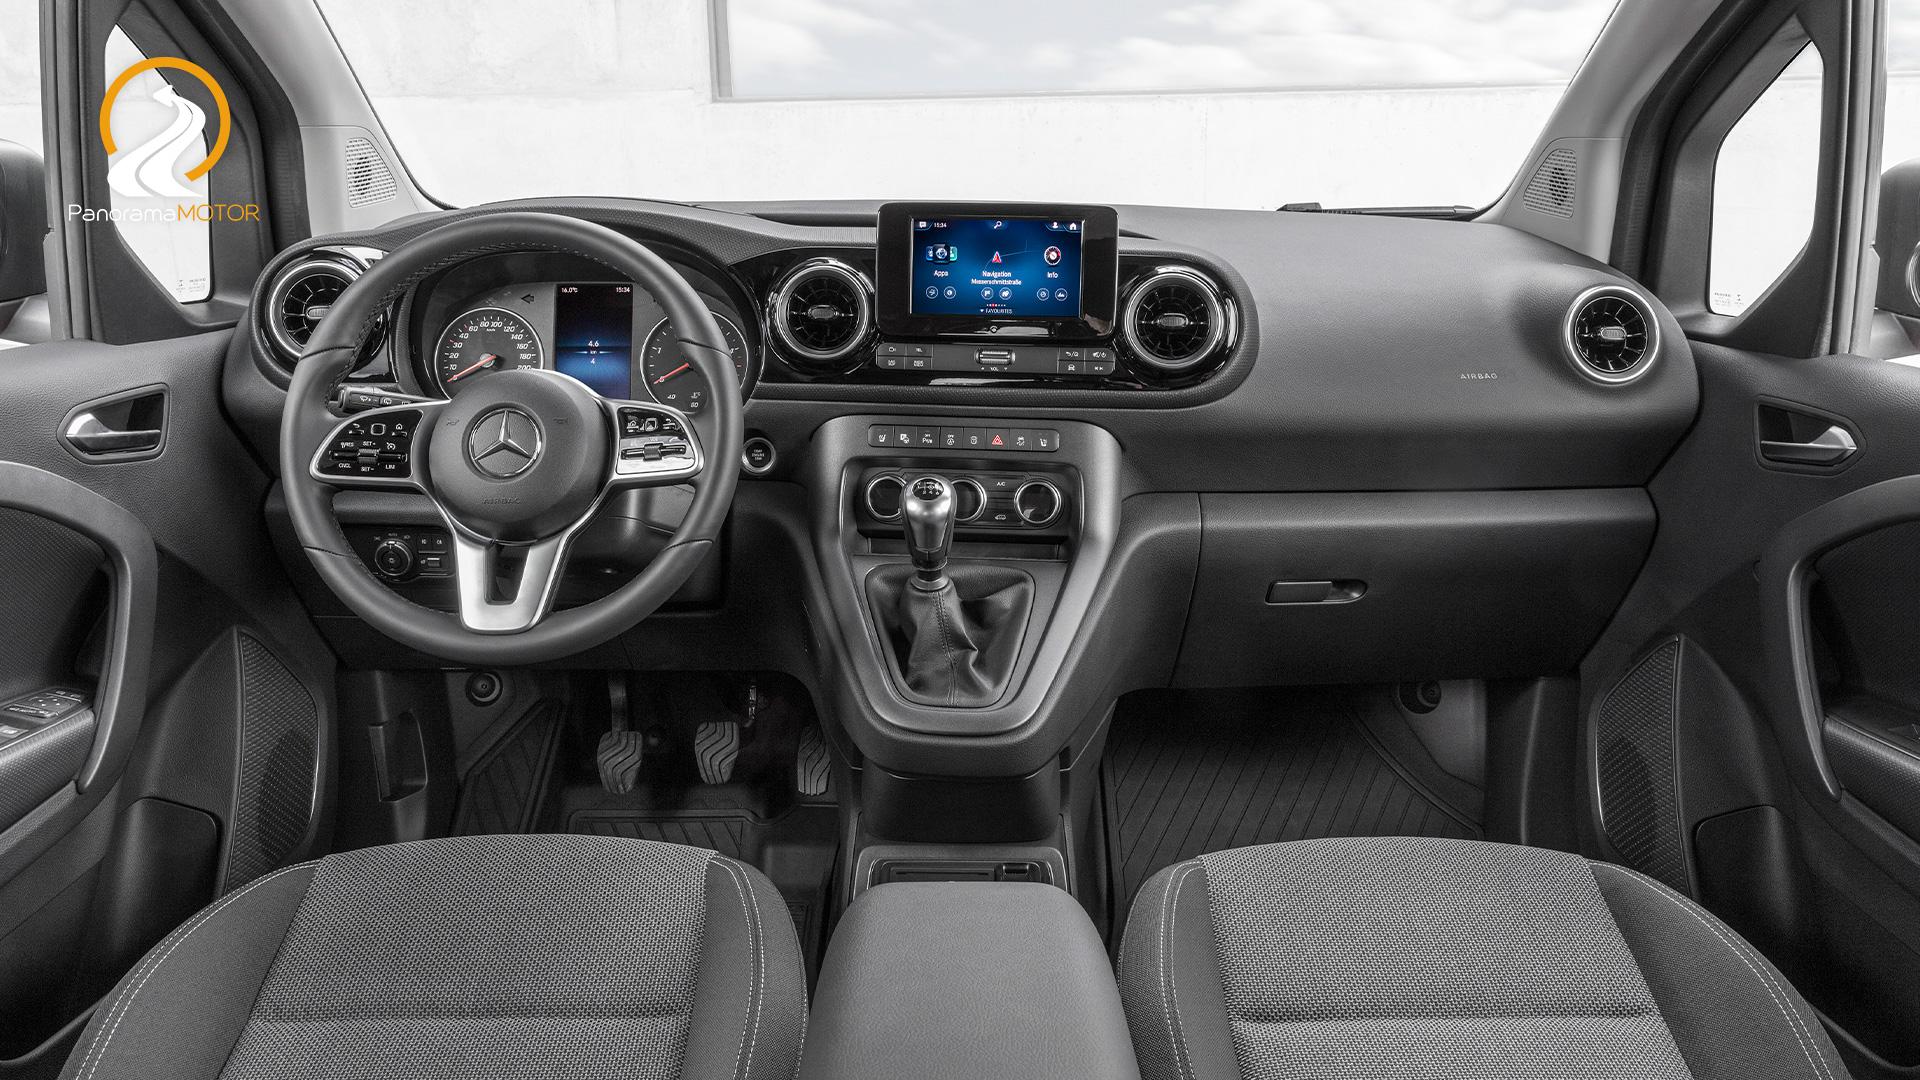 Mercedes-Benz Citan Furgón - Van 2022